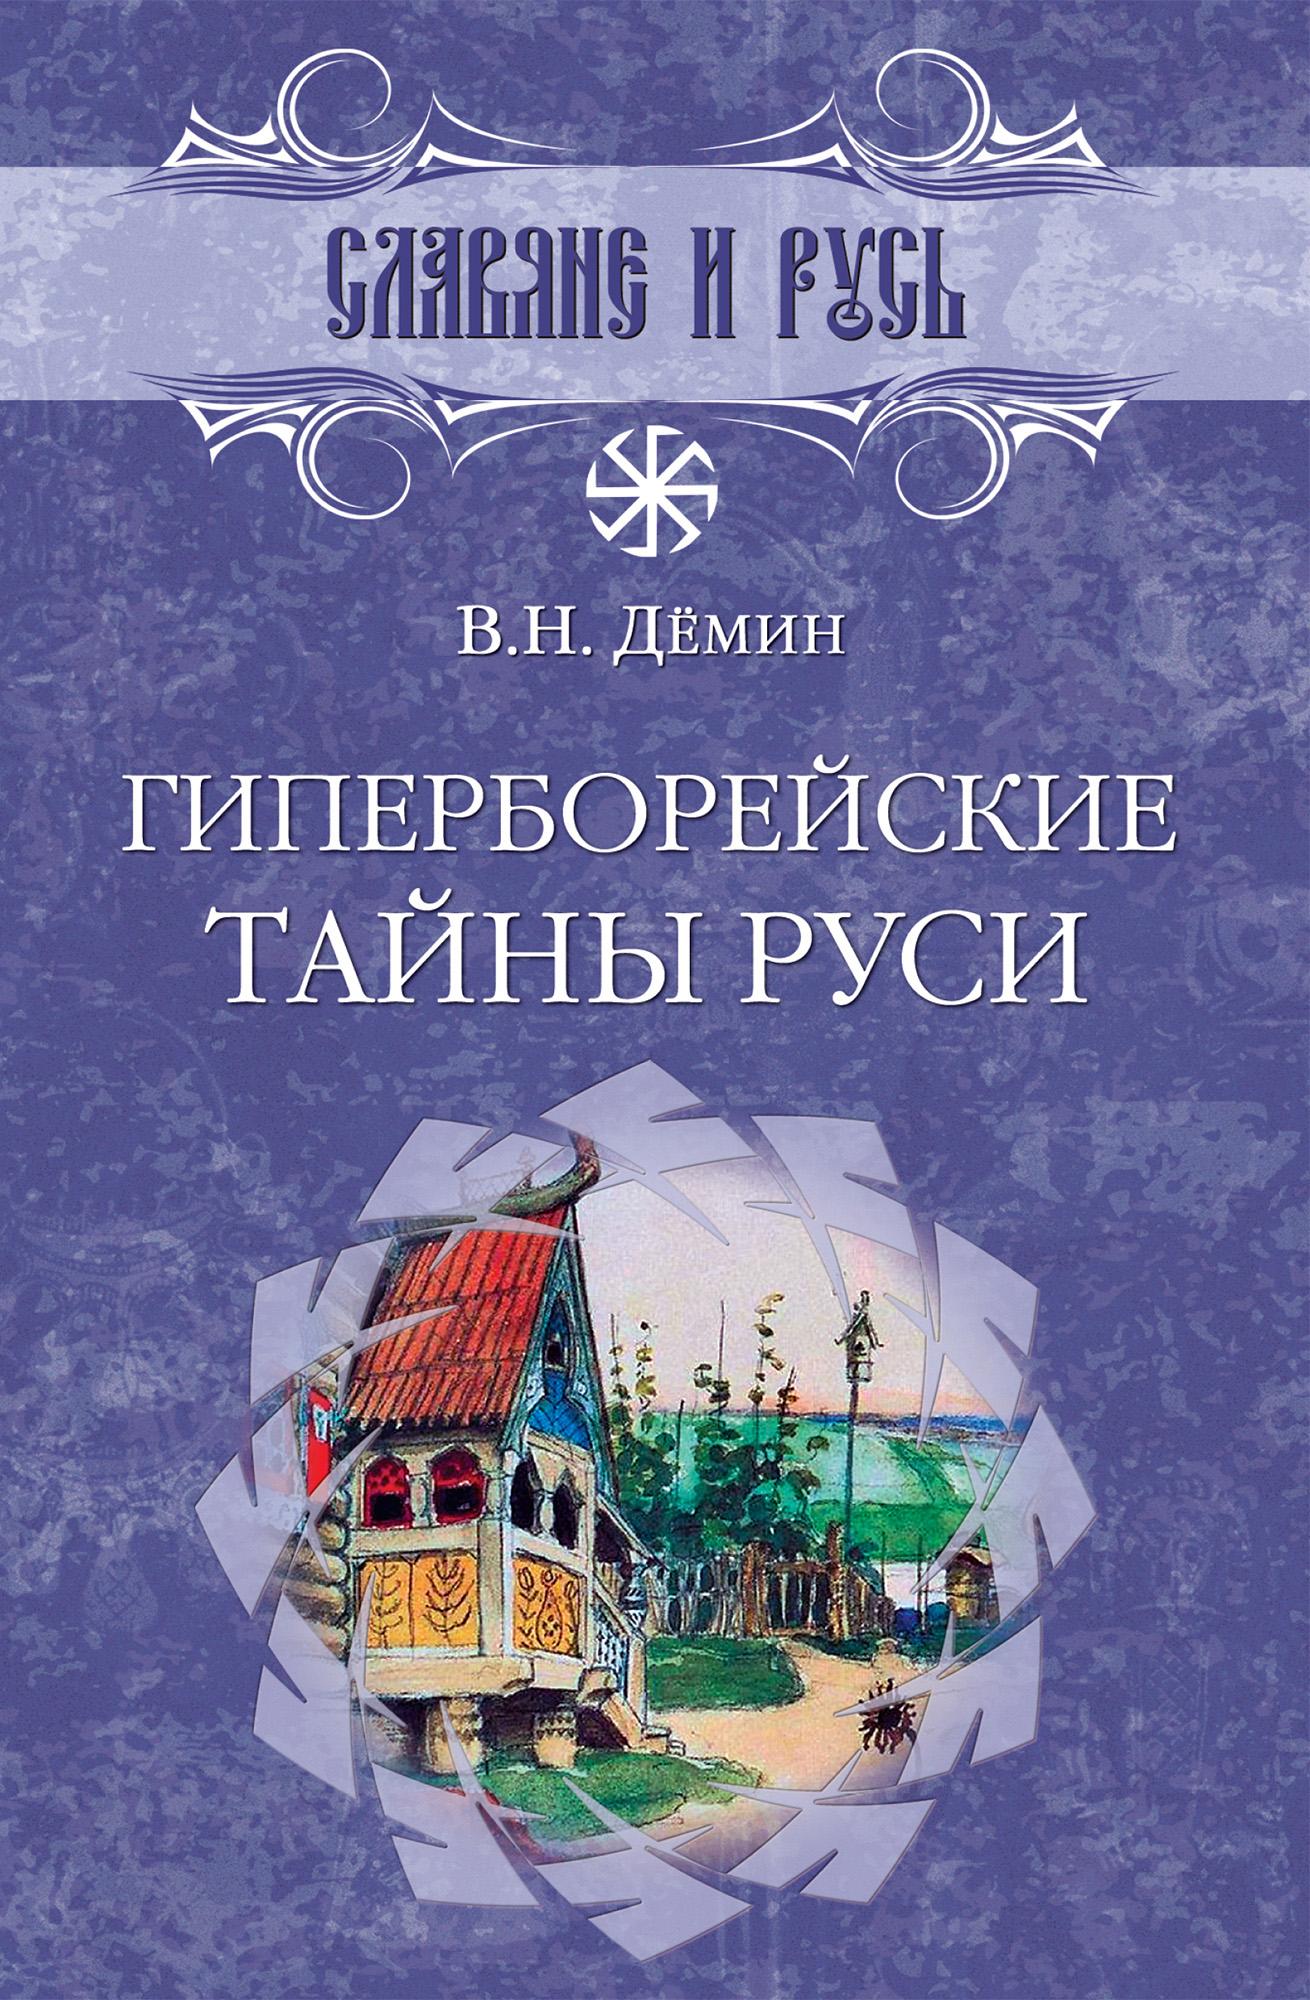 Валерий Демин Гиперборейские тайны Руси